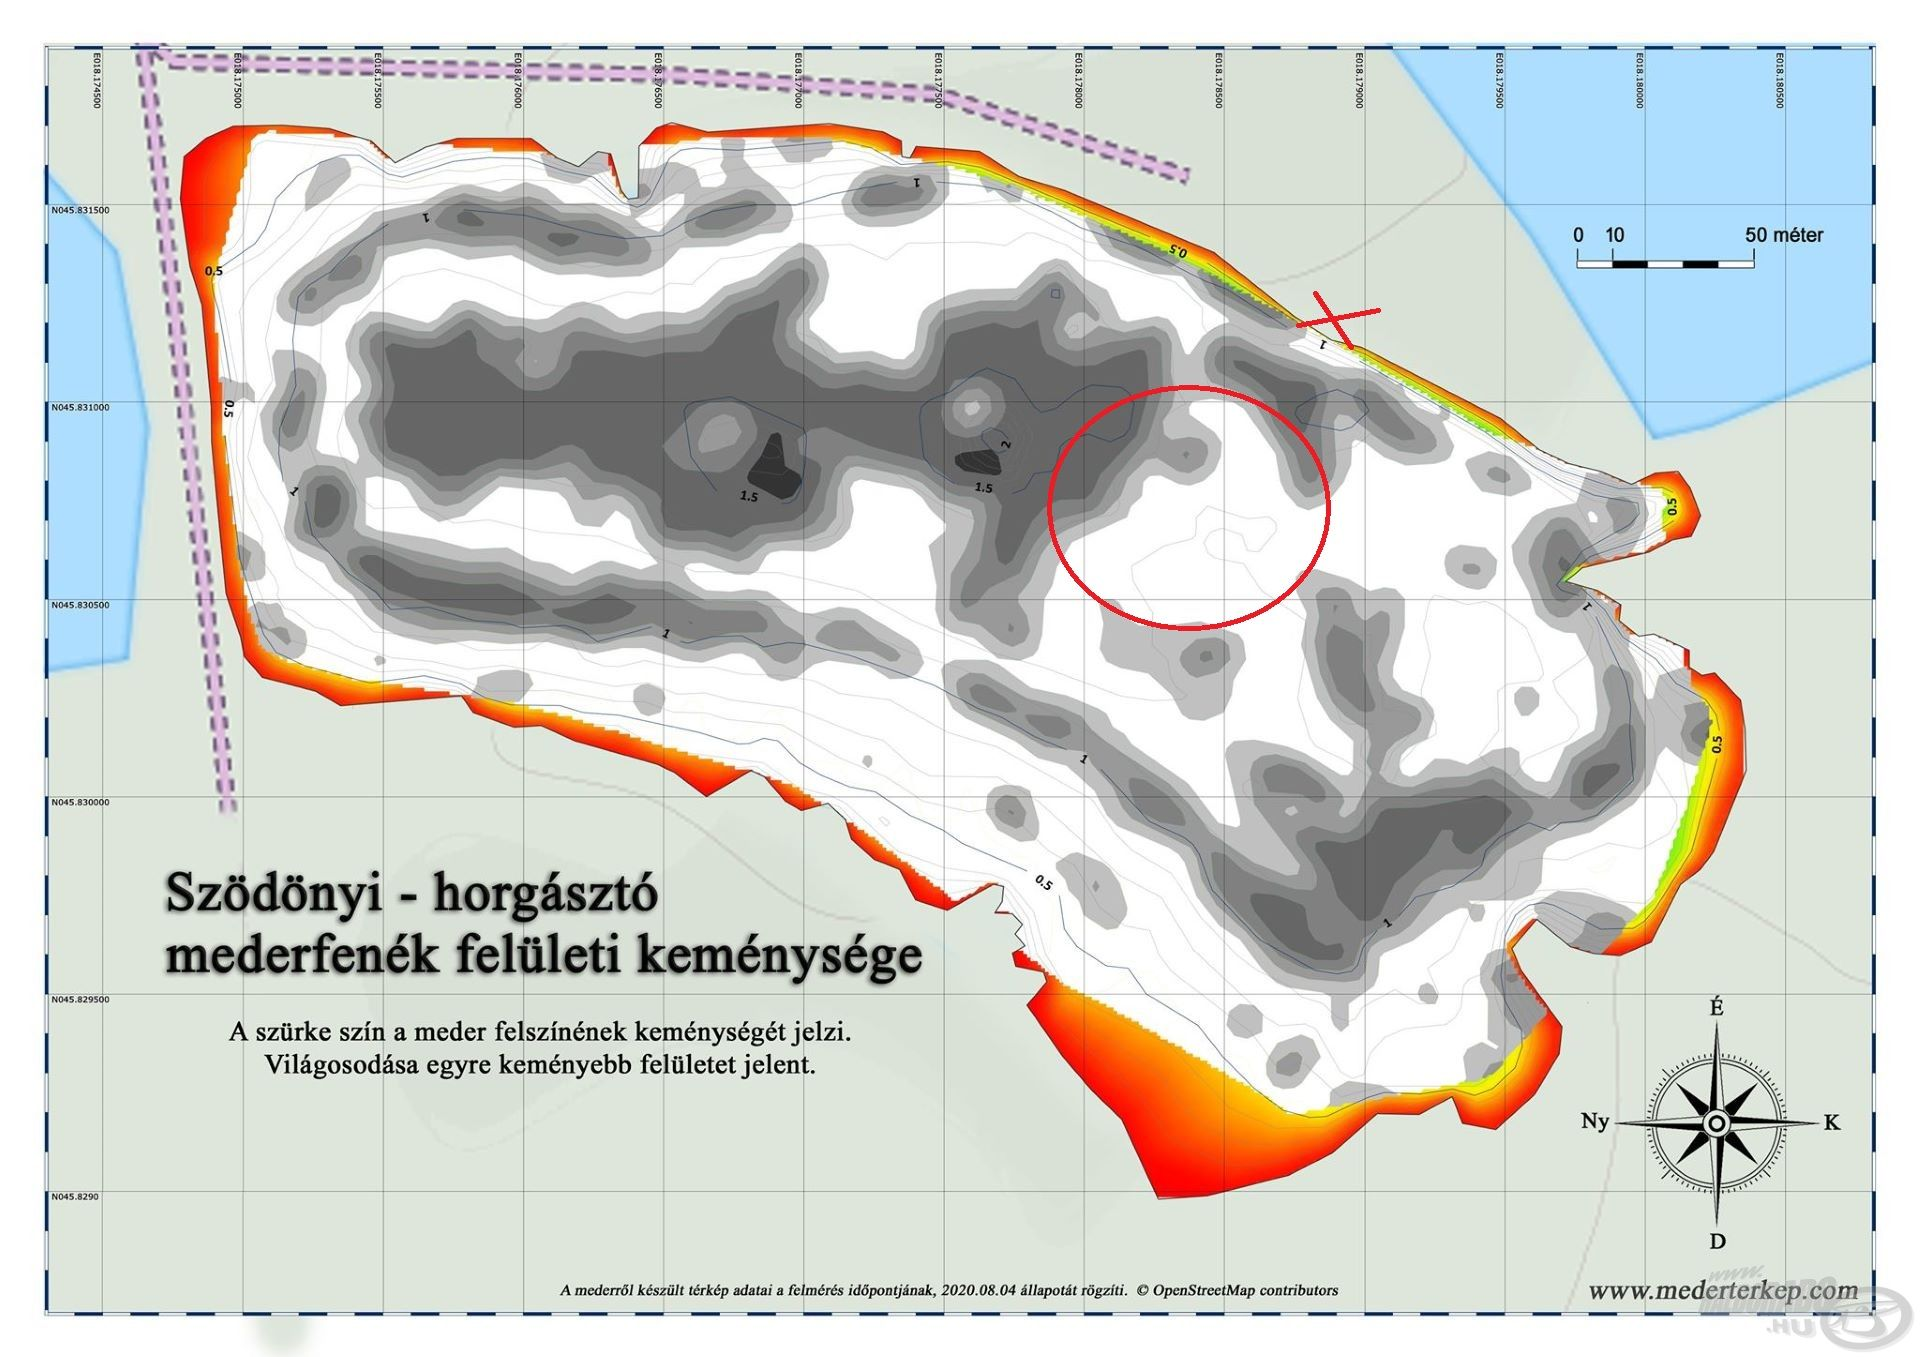 A piros körrel jelölt terület volt az a rész, ahol több keményebb platót is találtam, ezek helyét a mederfenék keménységéről készített térkép is igazolta